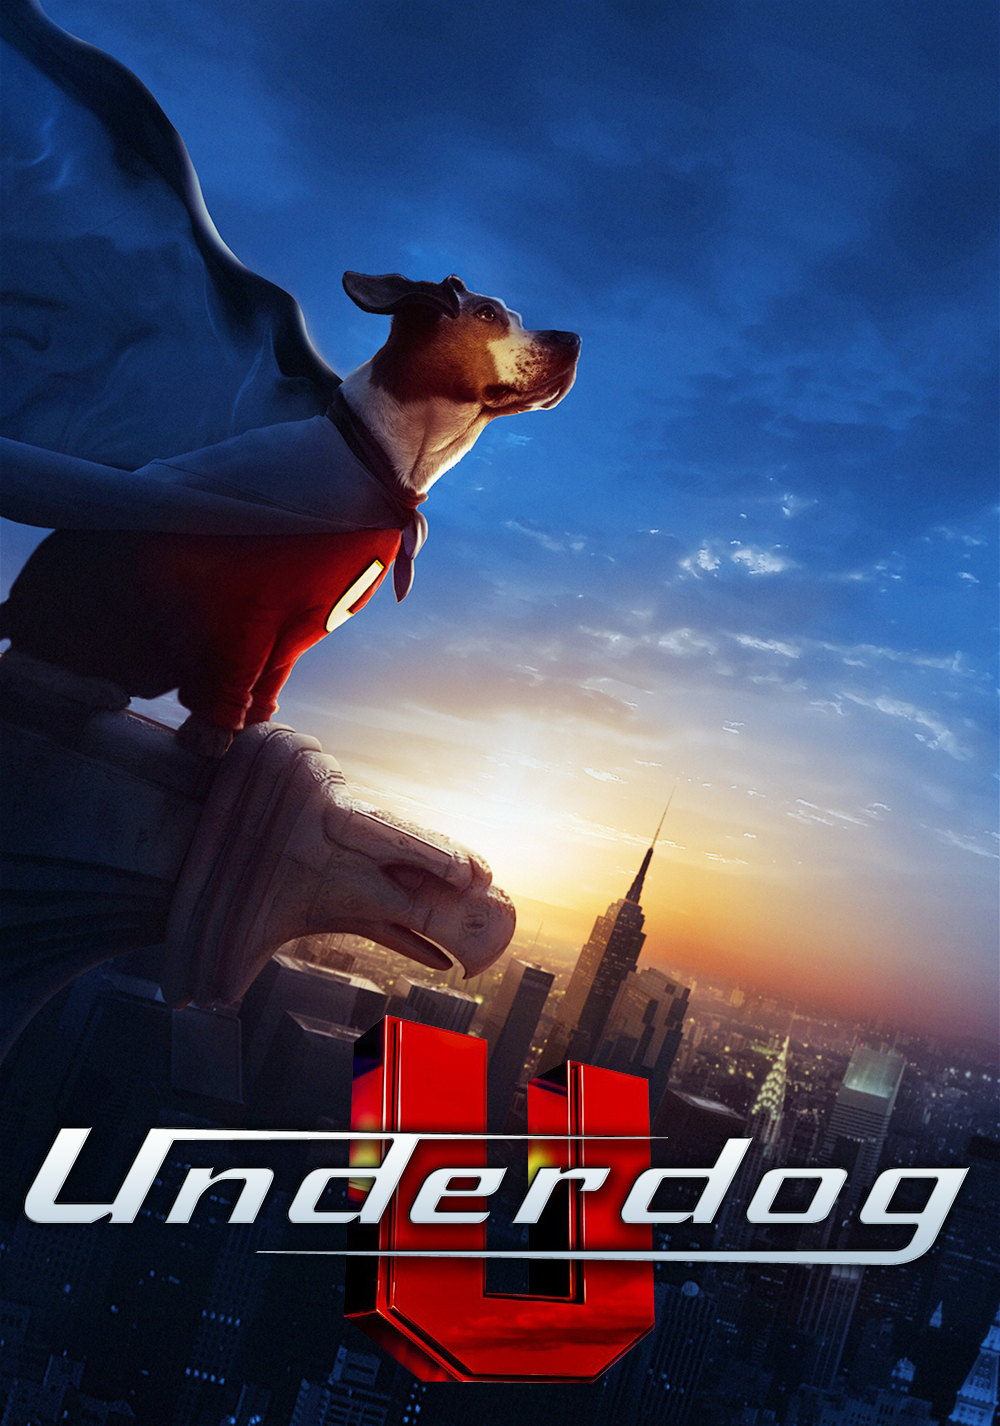 Underdog movie logo